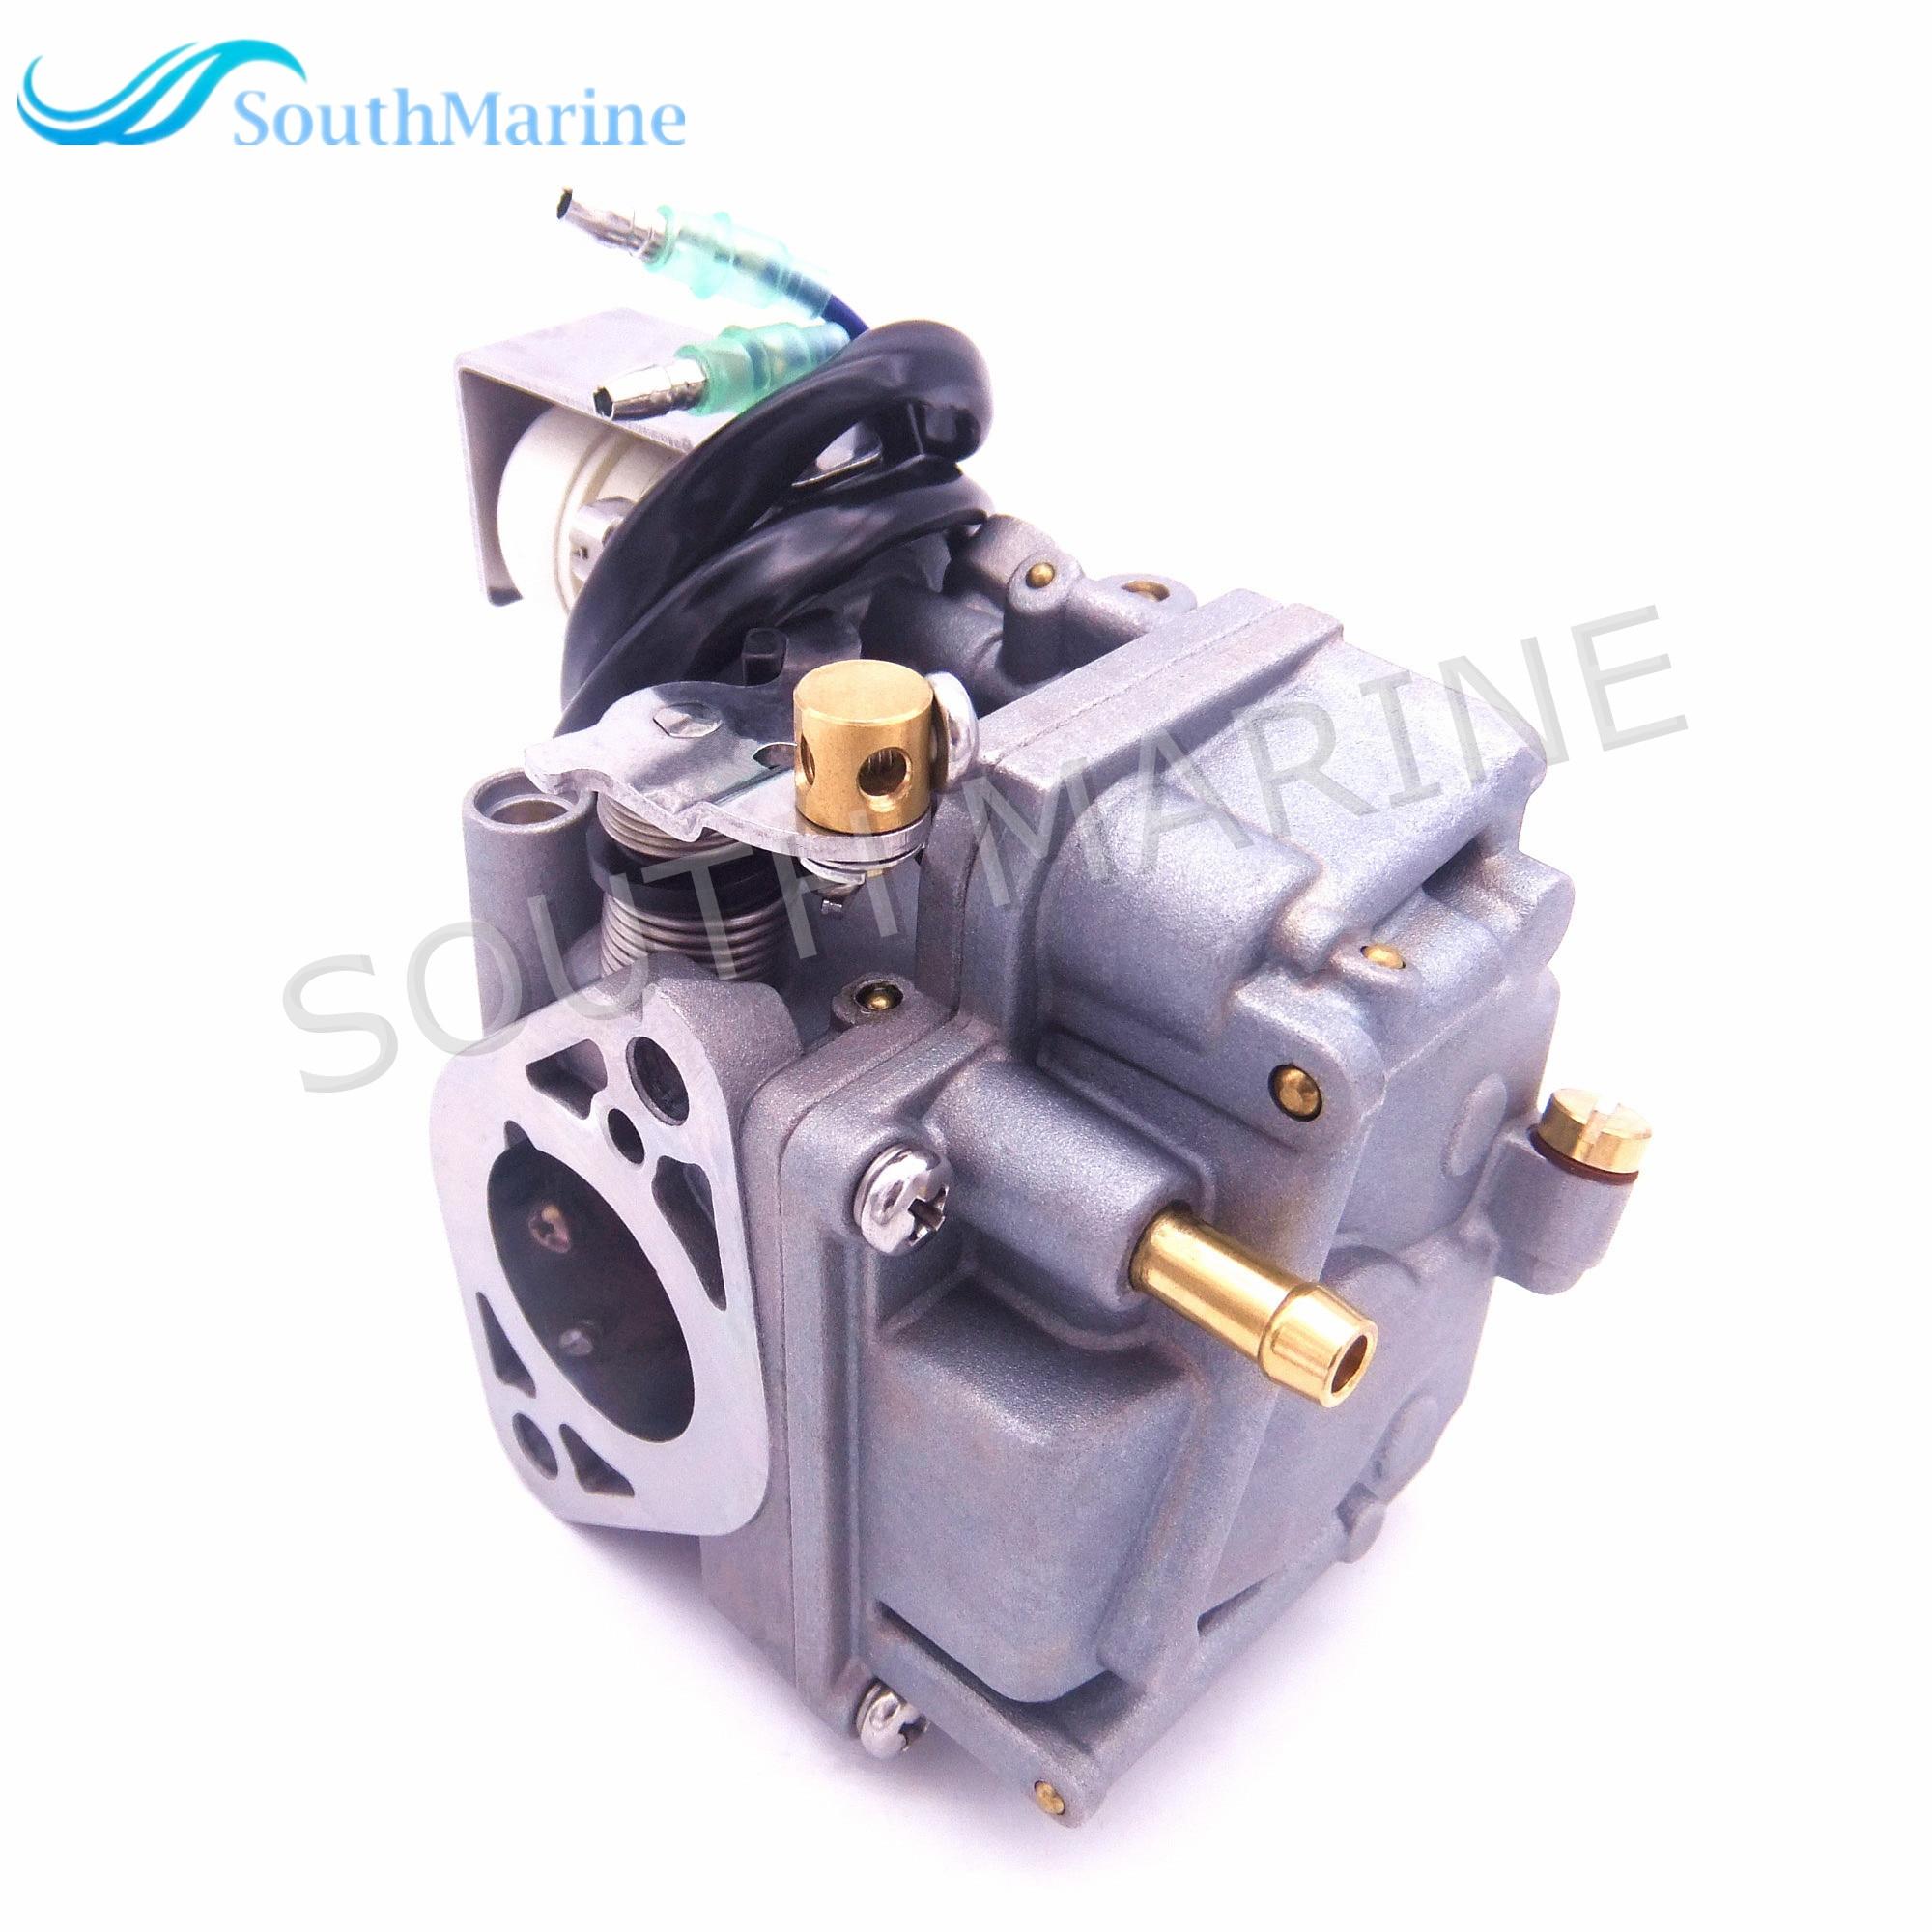 6BL-14301-00 10 Carburetor Assembly for Yamaha 4-stroke F25 Outboard Engine